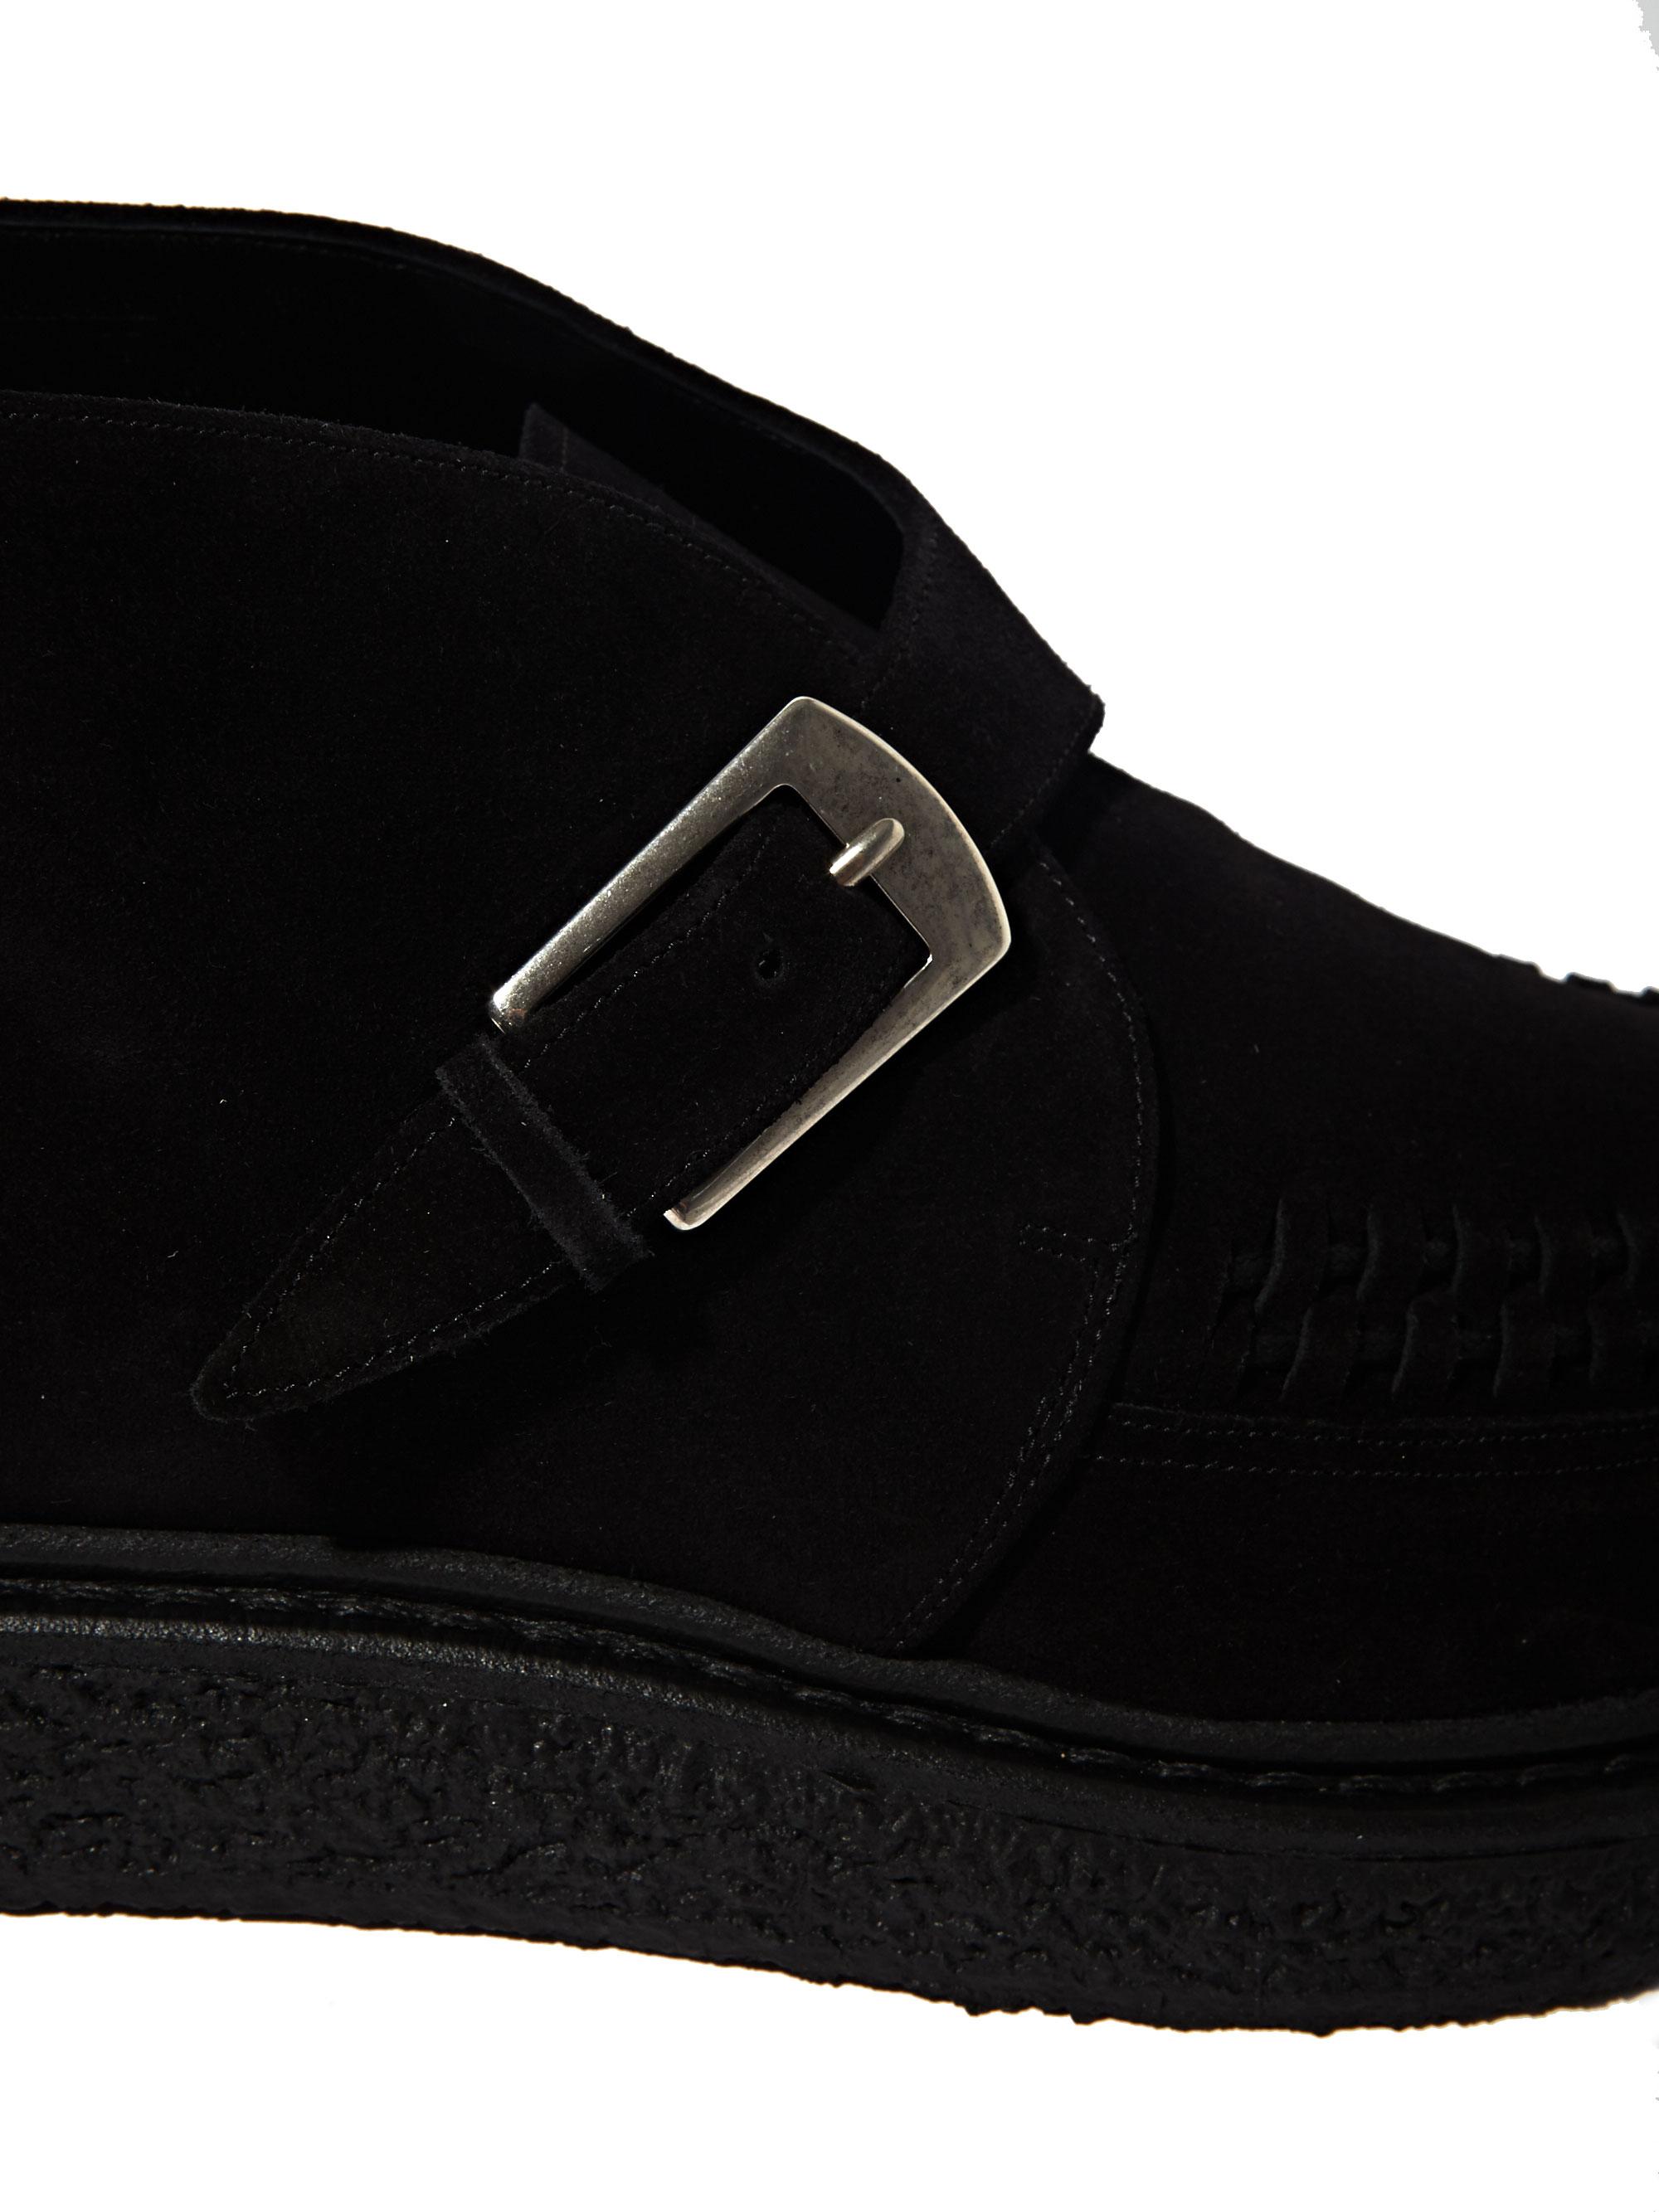 Black Strap Shoes Men